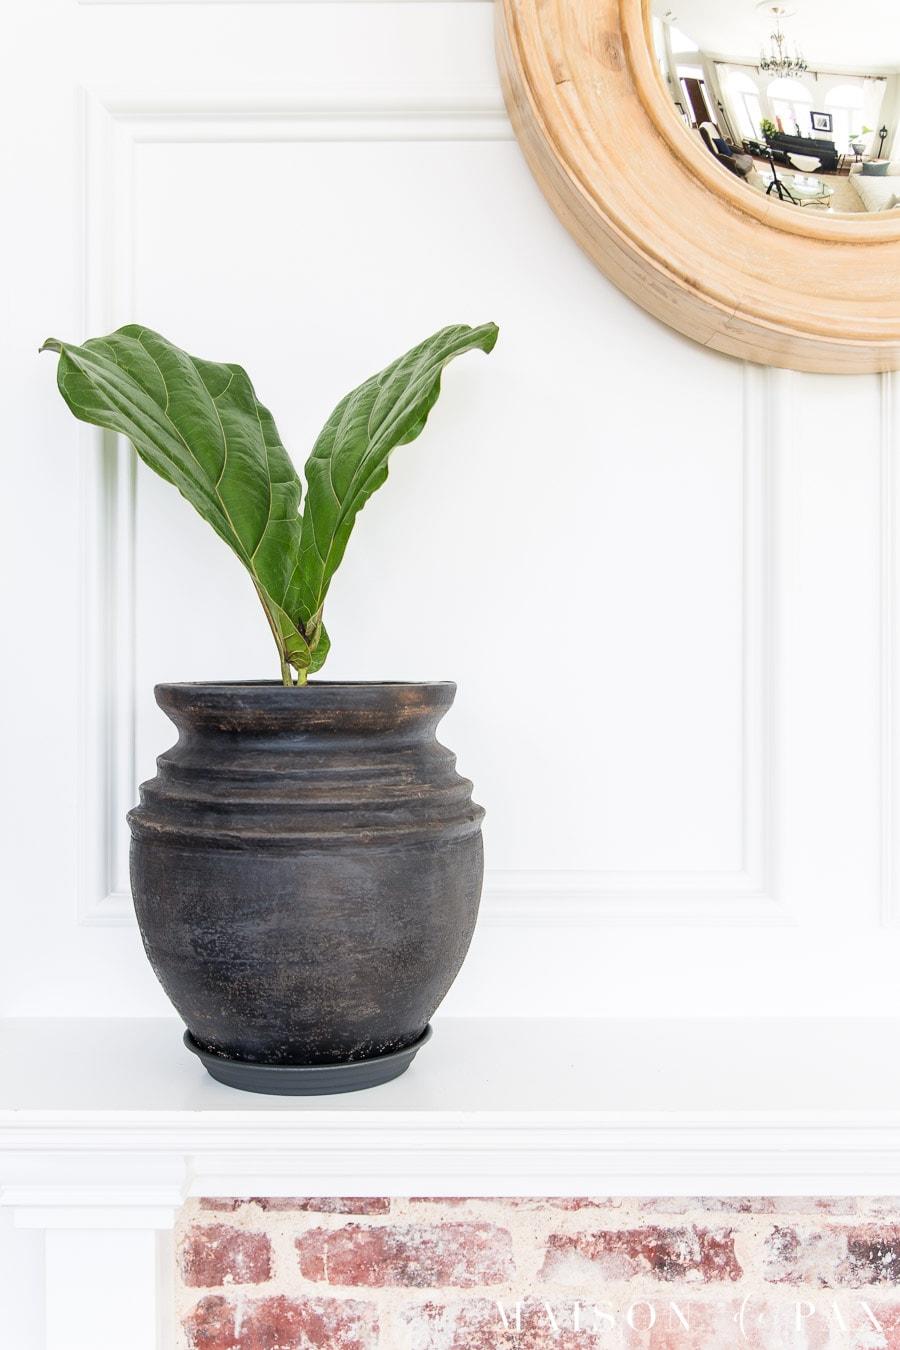 aged black pot with fiddle leaf fig on white mantel | Maison de Pax